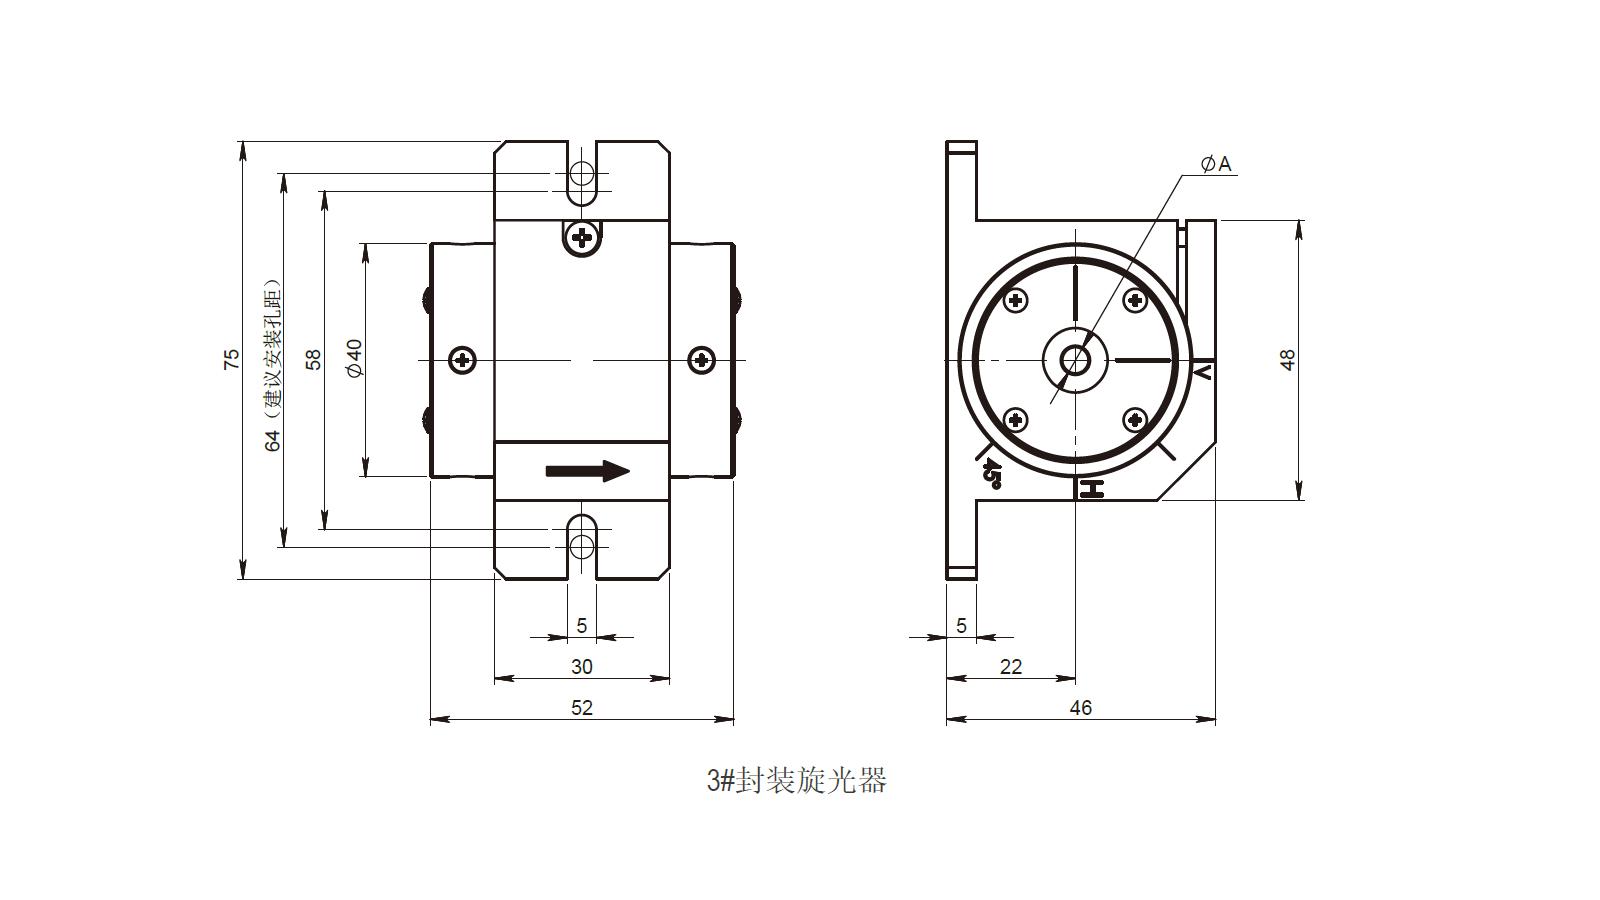 旋光器3号封装南京光宝-CRYLINK